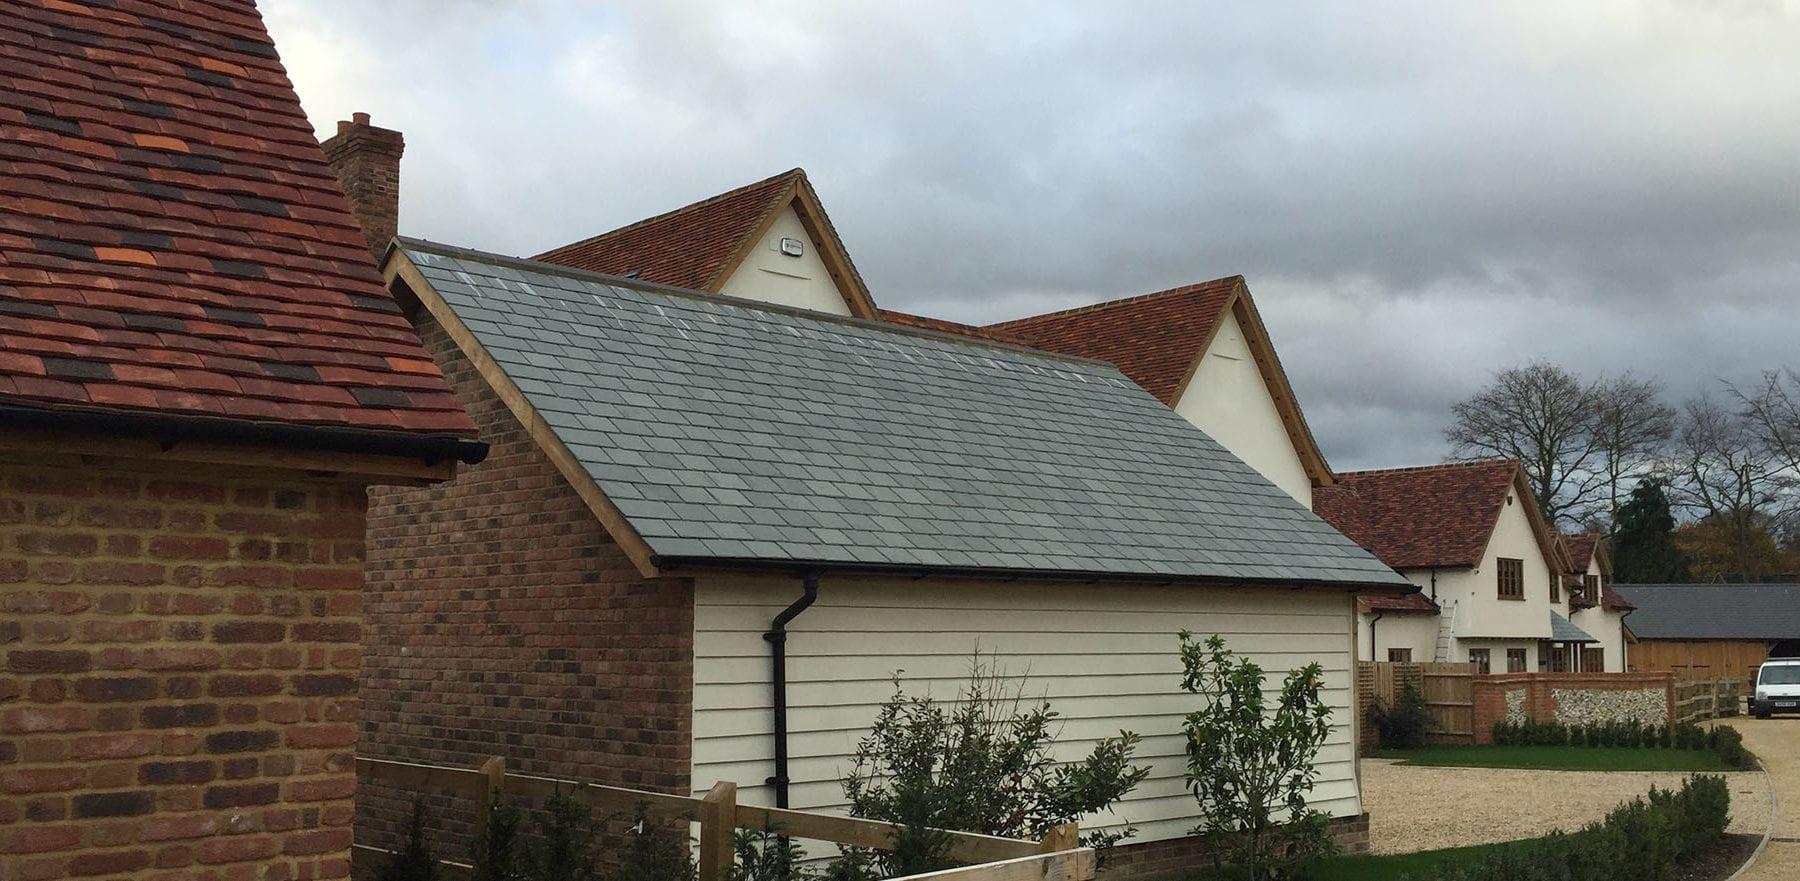 Lifestiles - Brazilian Natural Slate Roof Tiles - Farnham, England 2